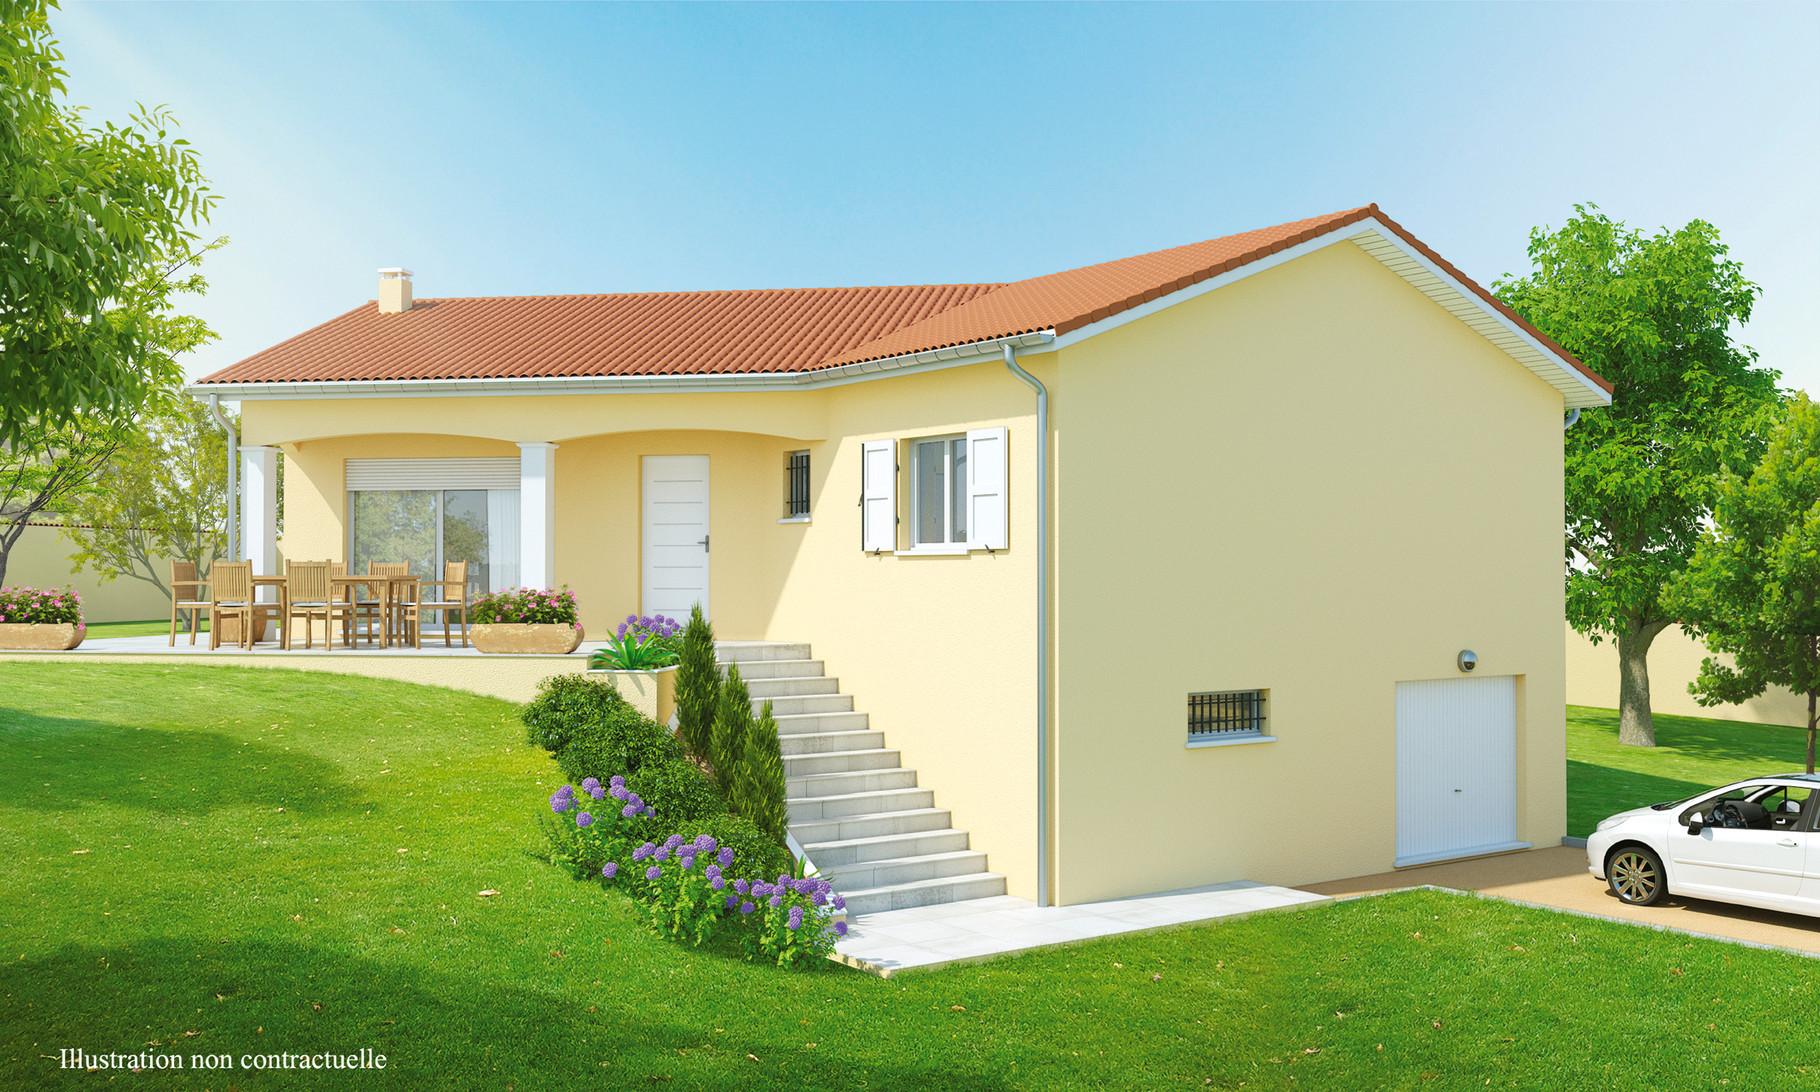 Maisons sur sous sol maisons axial loire 42 for Plan de maison avec sous sol